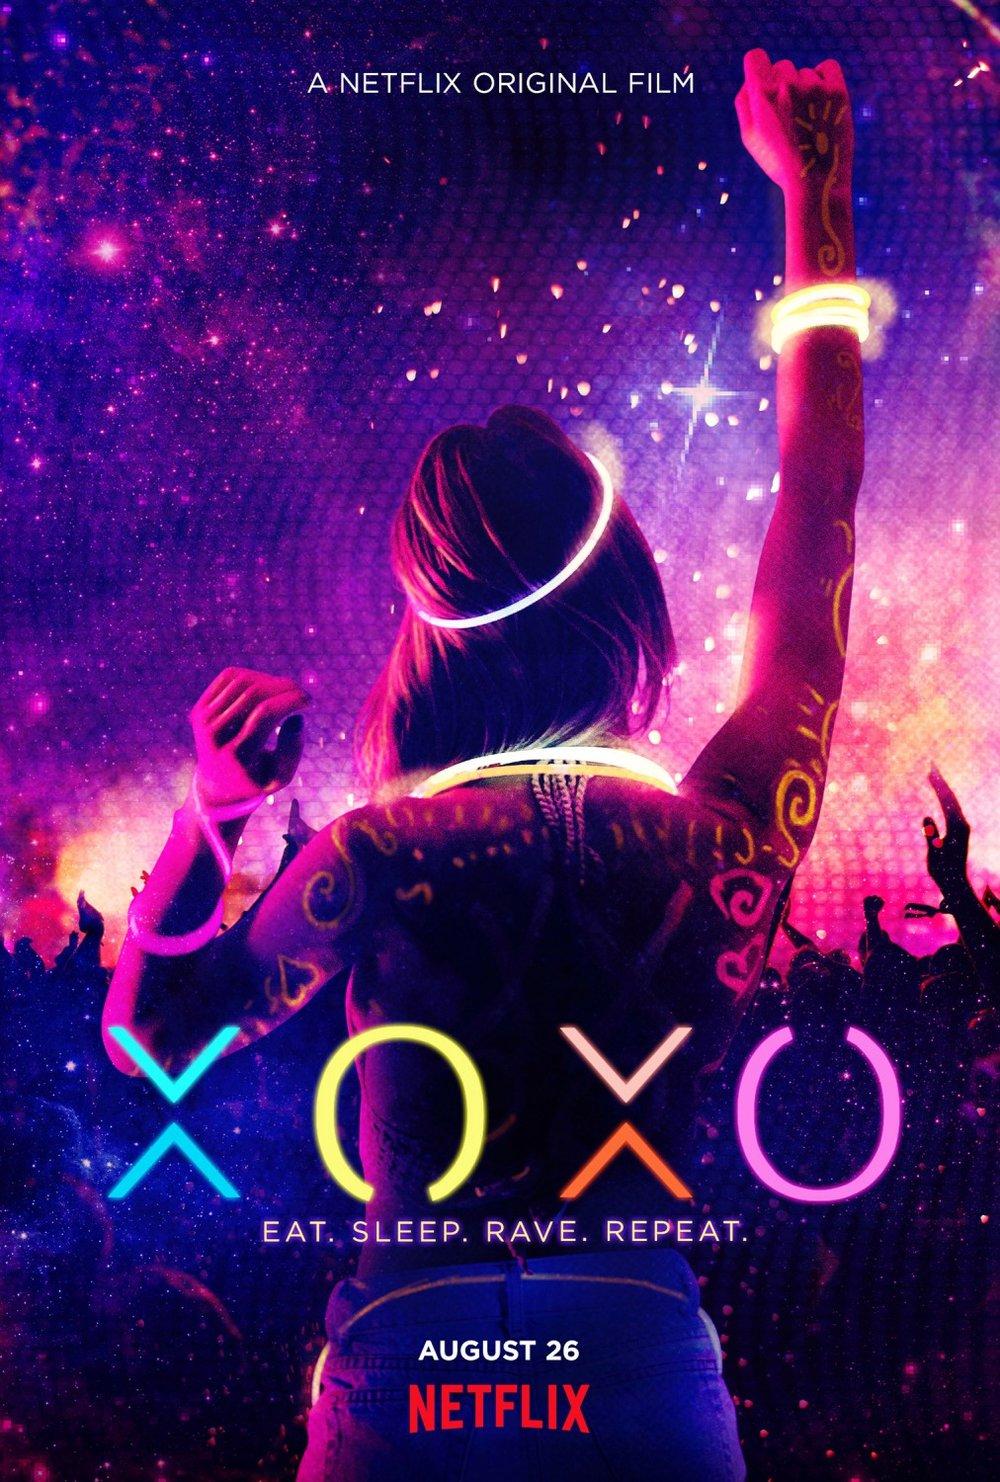 18 Xoxo Netflix Wallpapers On Wallpapersafari